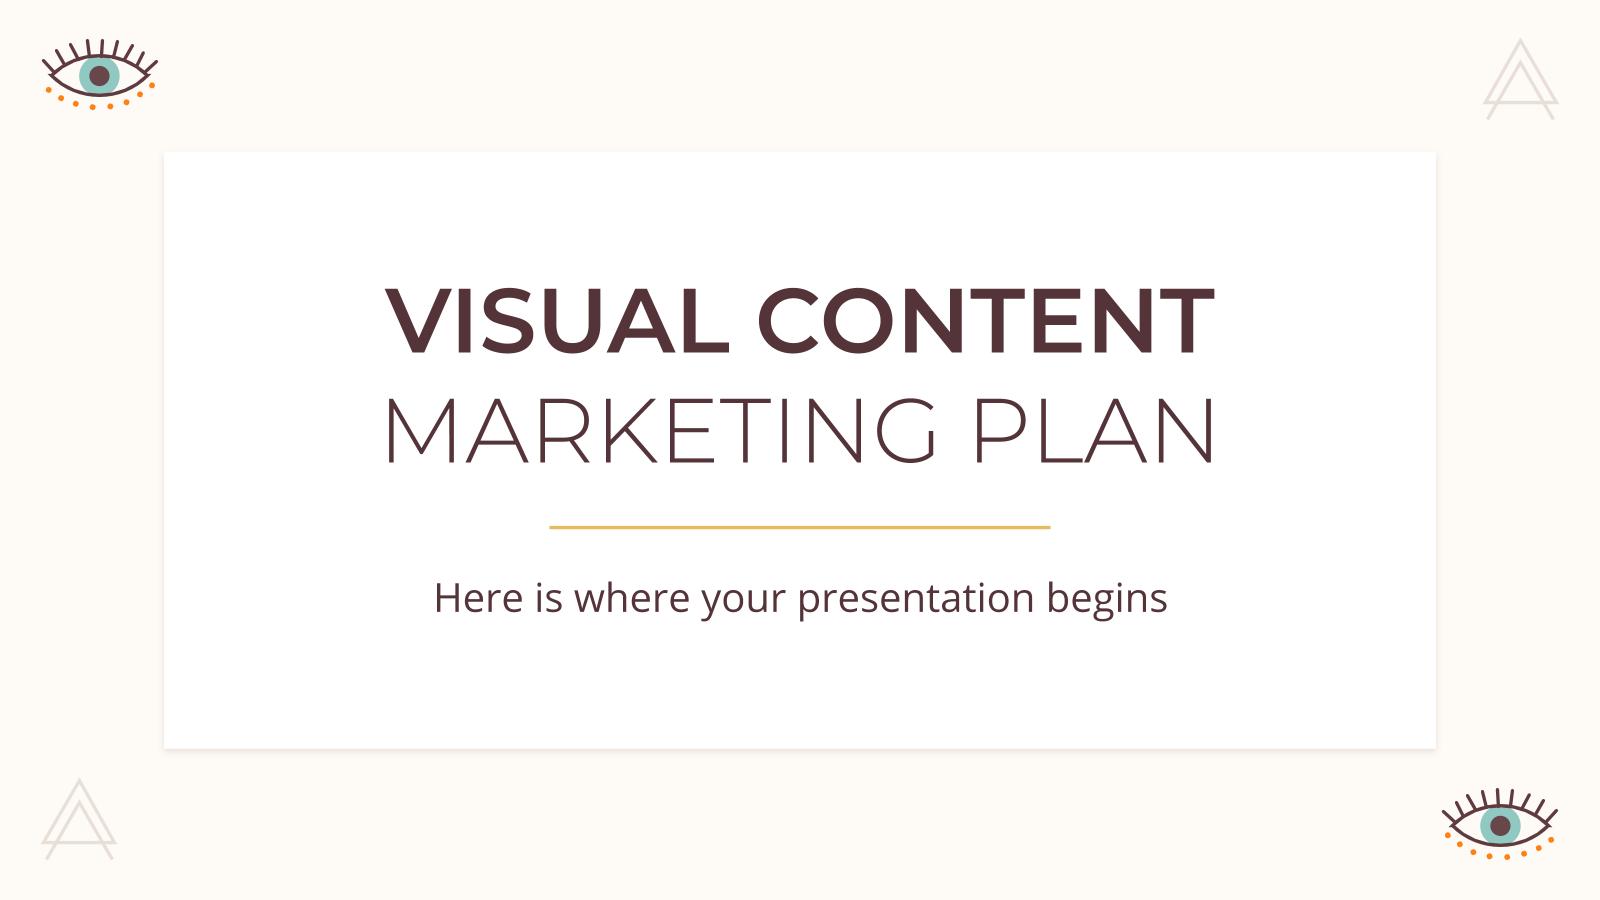 Modelo de apresentação Plano de marketing de conteúdo visual